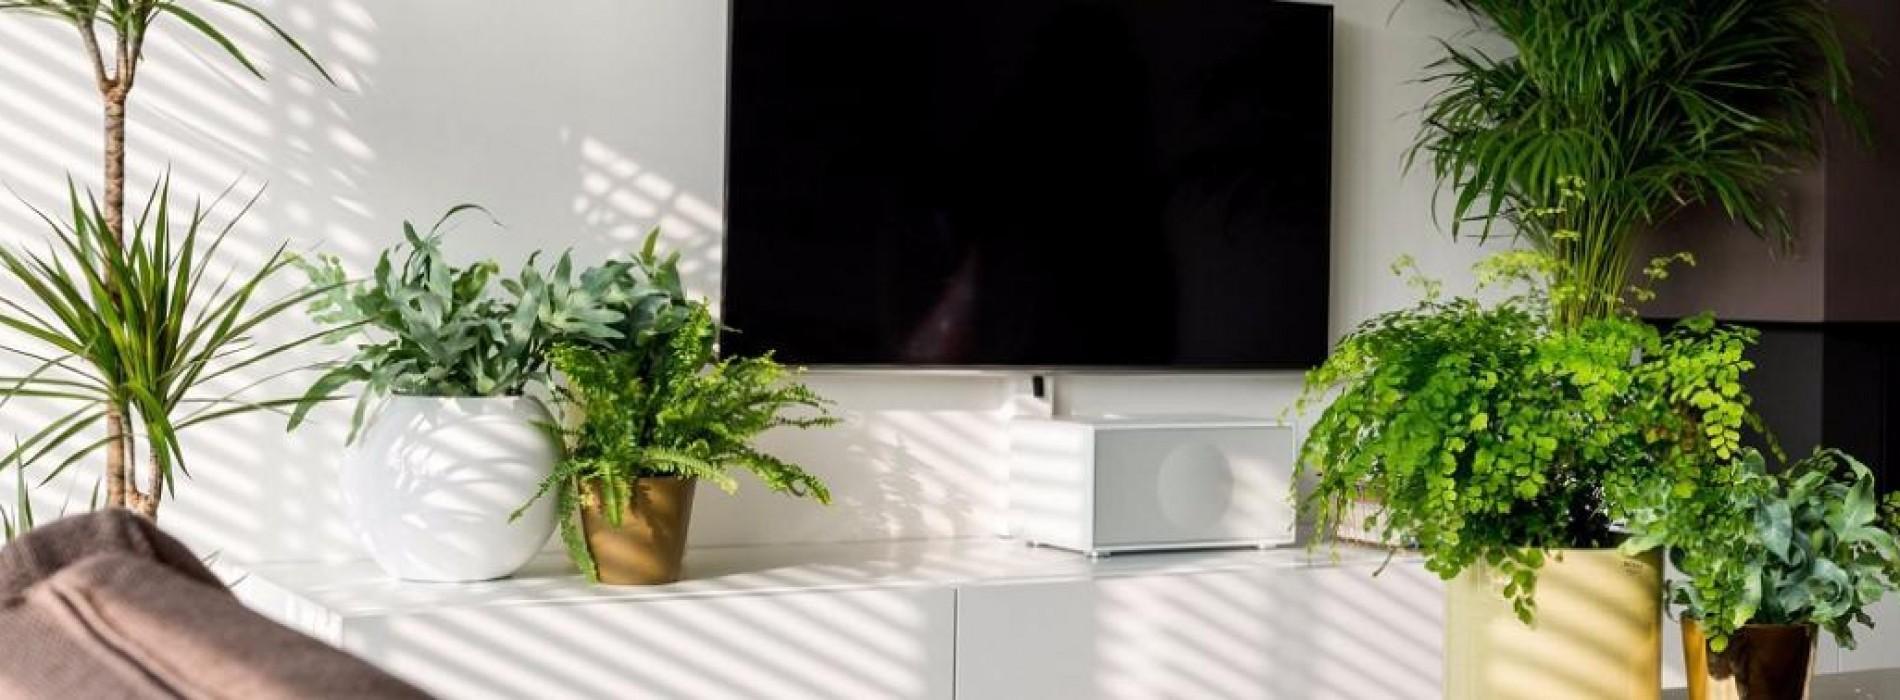 NASA: Deze kamerplanten zuiveren de lucht in je huis maximaal